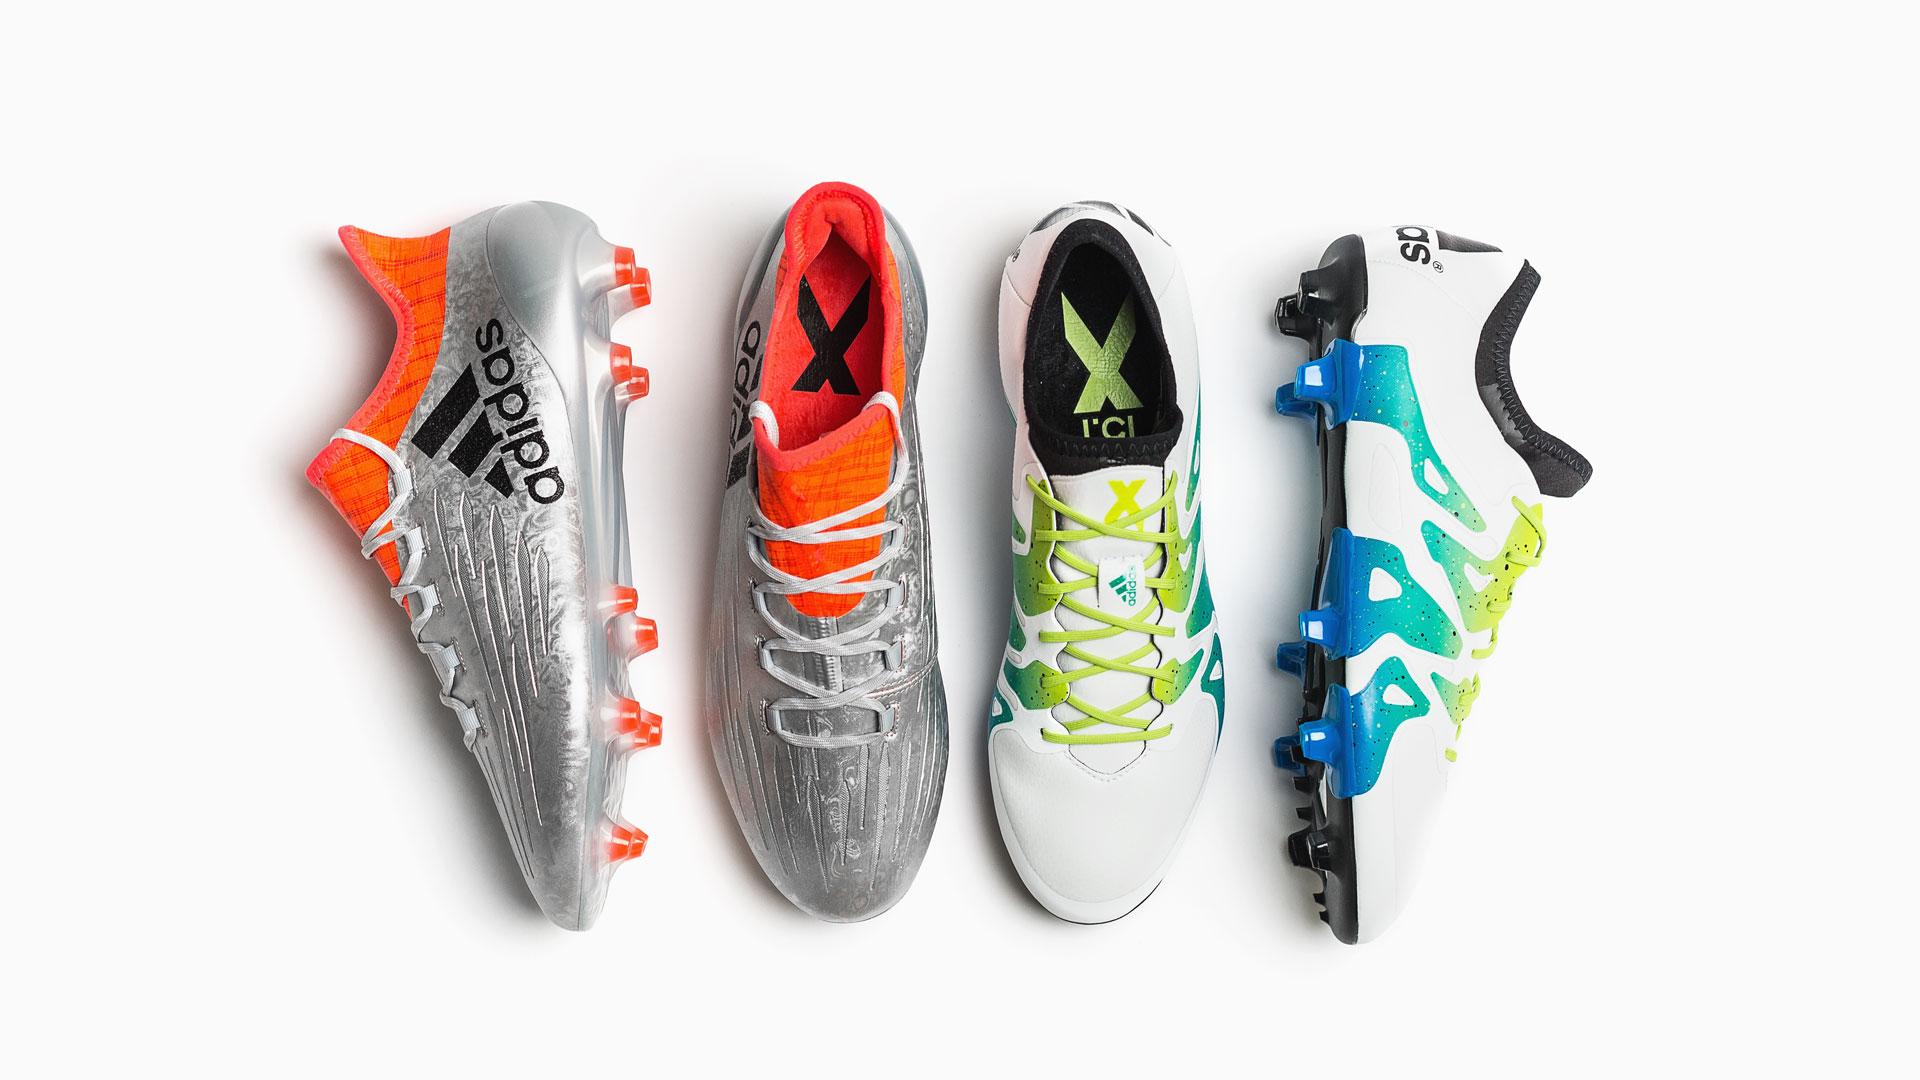 Jämförelse adidas X 15.1 och X 16.1  